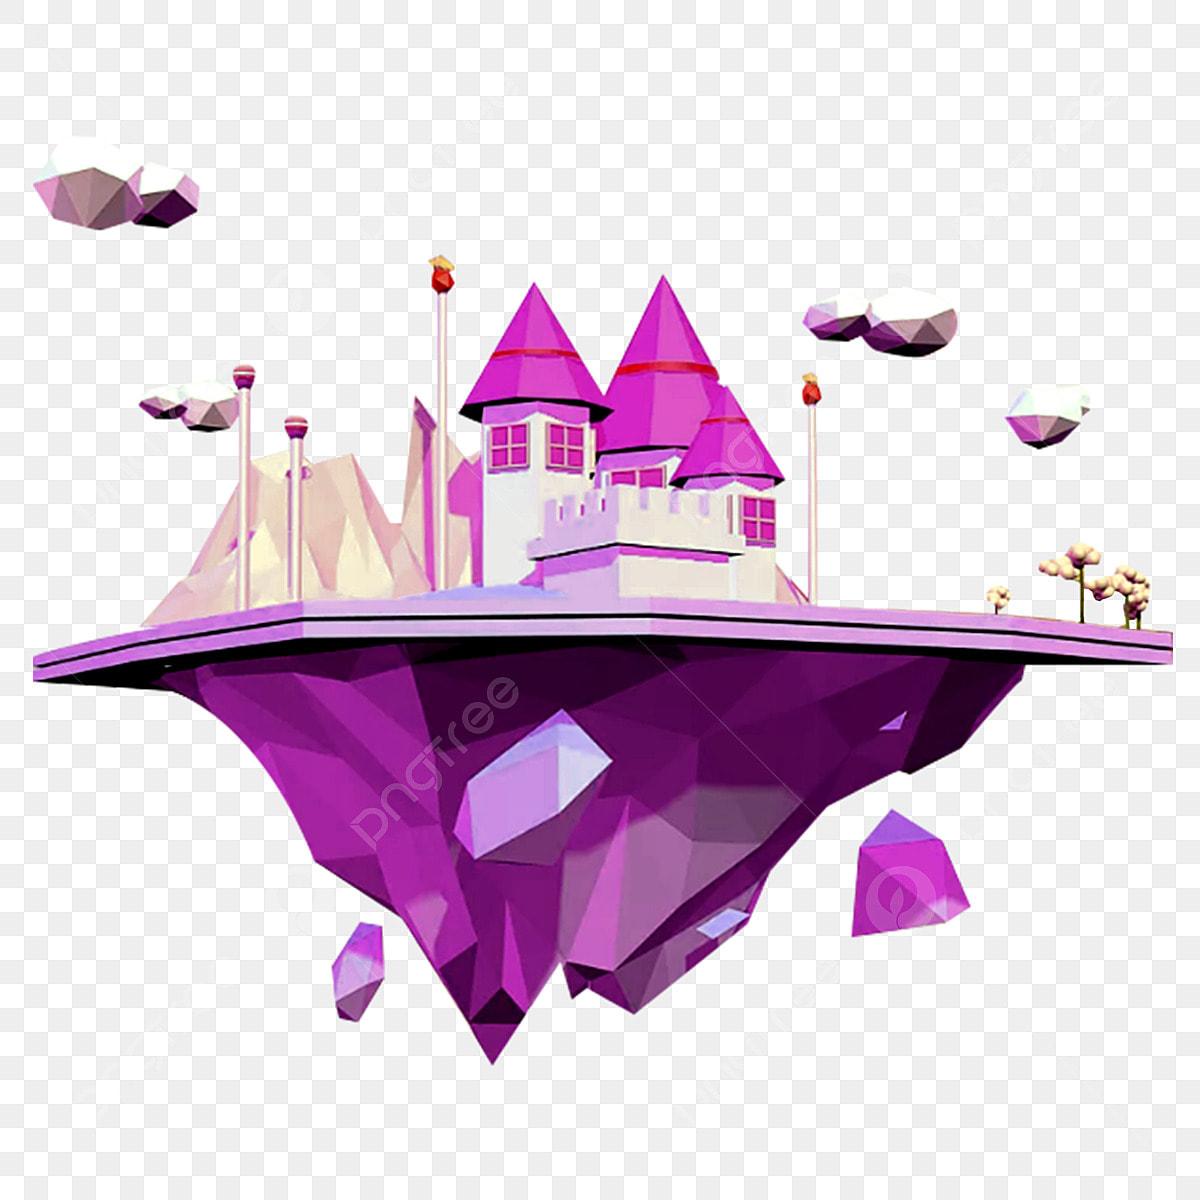 Un Chateau Dans Les Nuages château dans les nuages , rose, tour, princesse fichier png